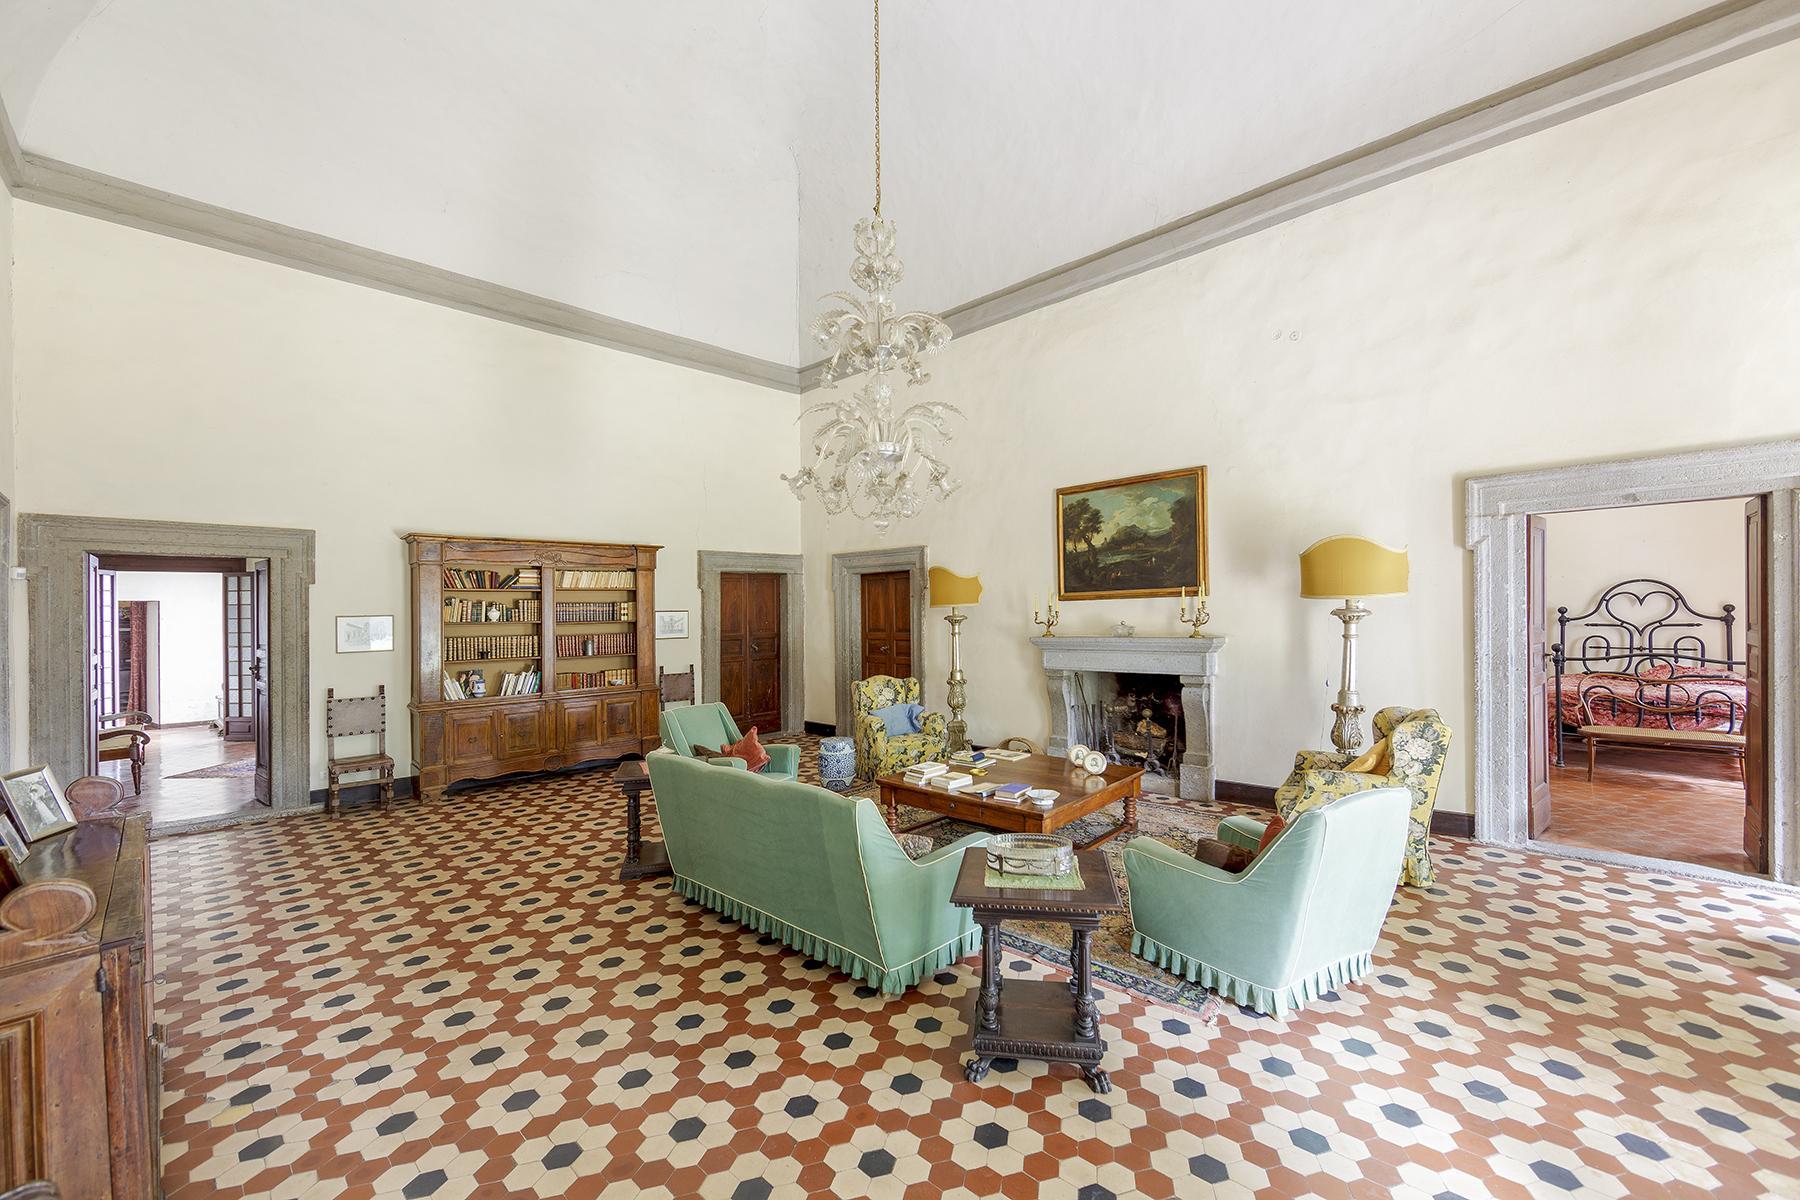 Прекрасный дворец в стиле Ренессанса - 16